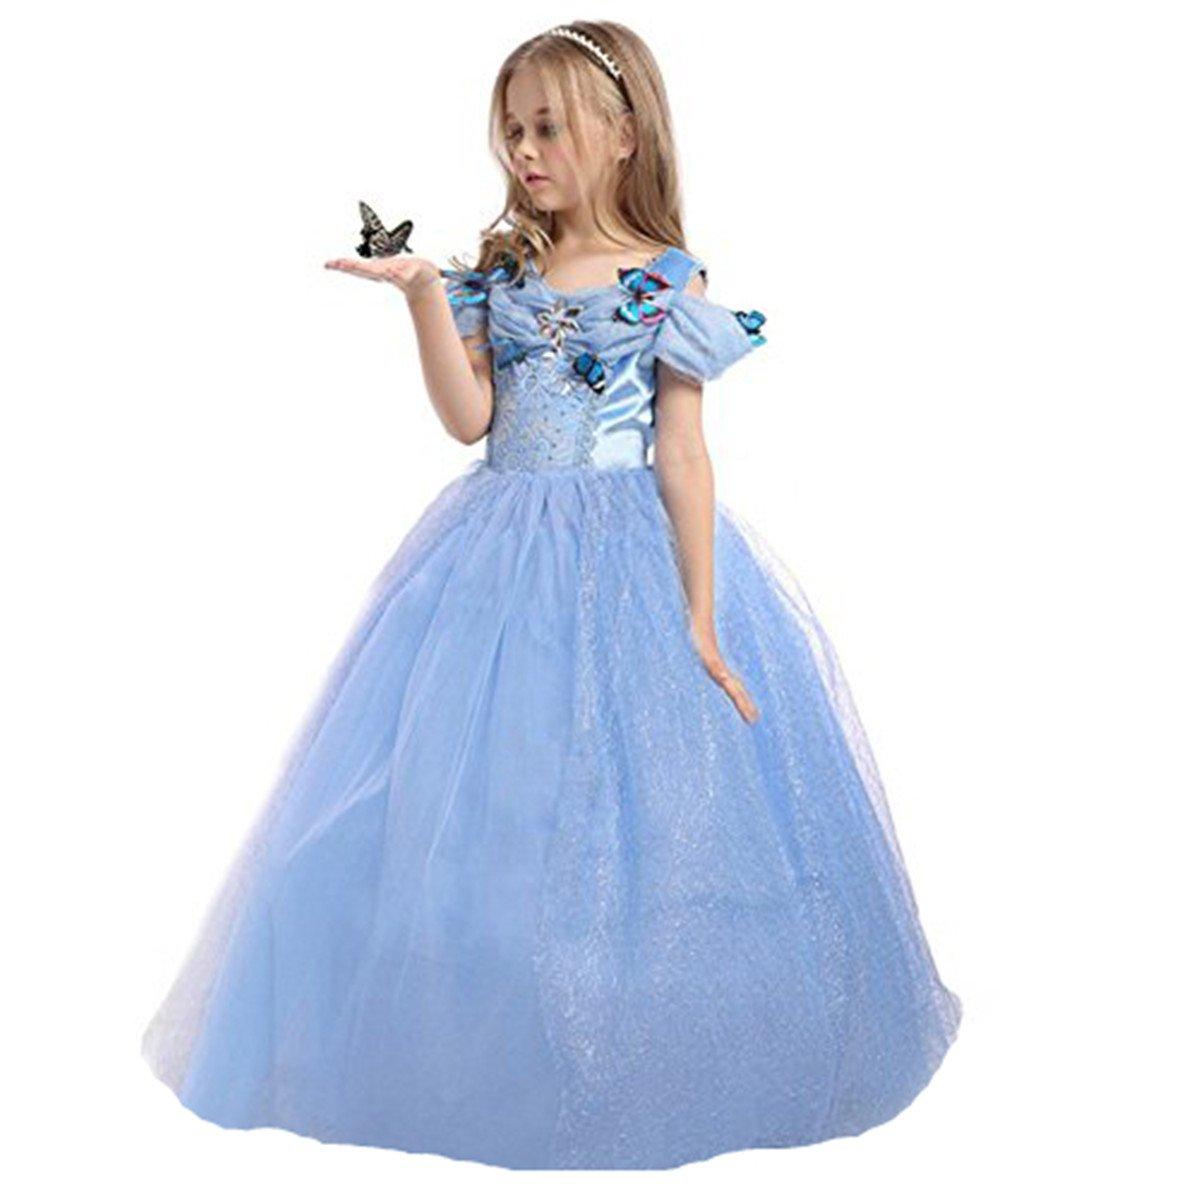 ELSA & ANNA® Princesa Disfraz Traje Parte Las Niñas Vestido (Girls Princess Fancy Dress) ES-FBA-CNDR5 (4-5 Años, ES-CNDR5) product image